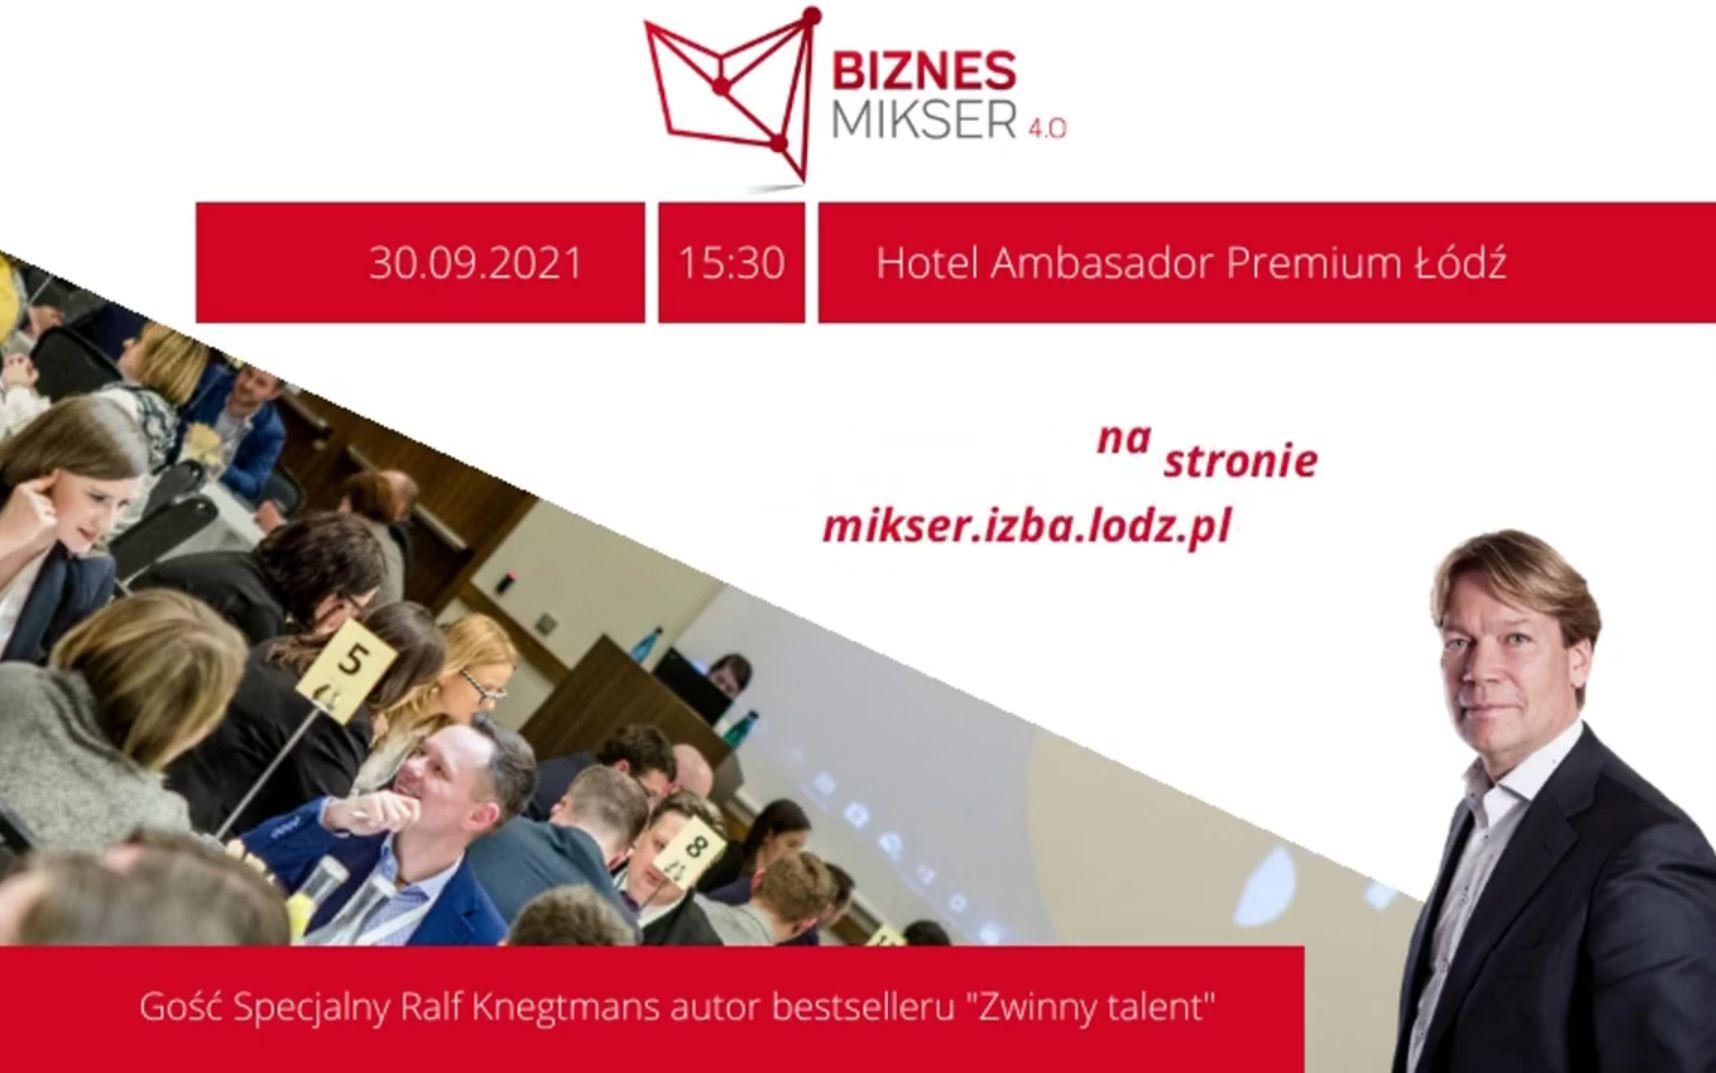 Biznes Mikser 4.0 w Łodzi, czyli jak zwinnie rekrutować talenty [wideo] - Zdjęcie główne